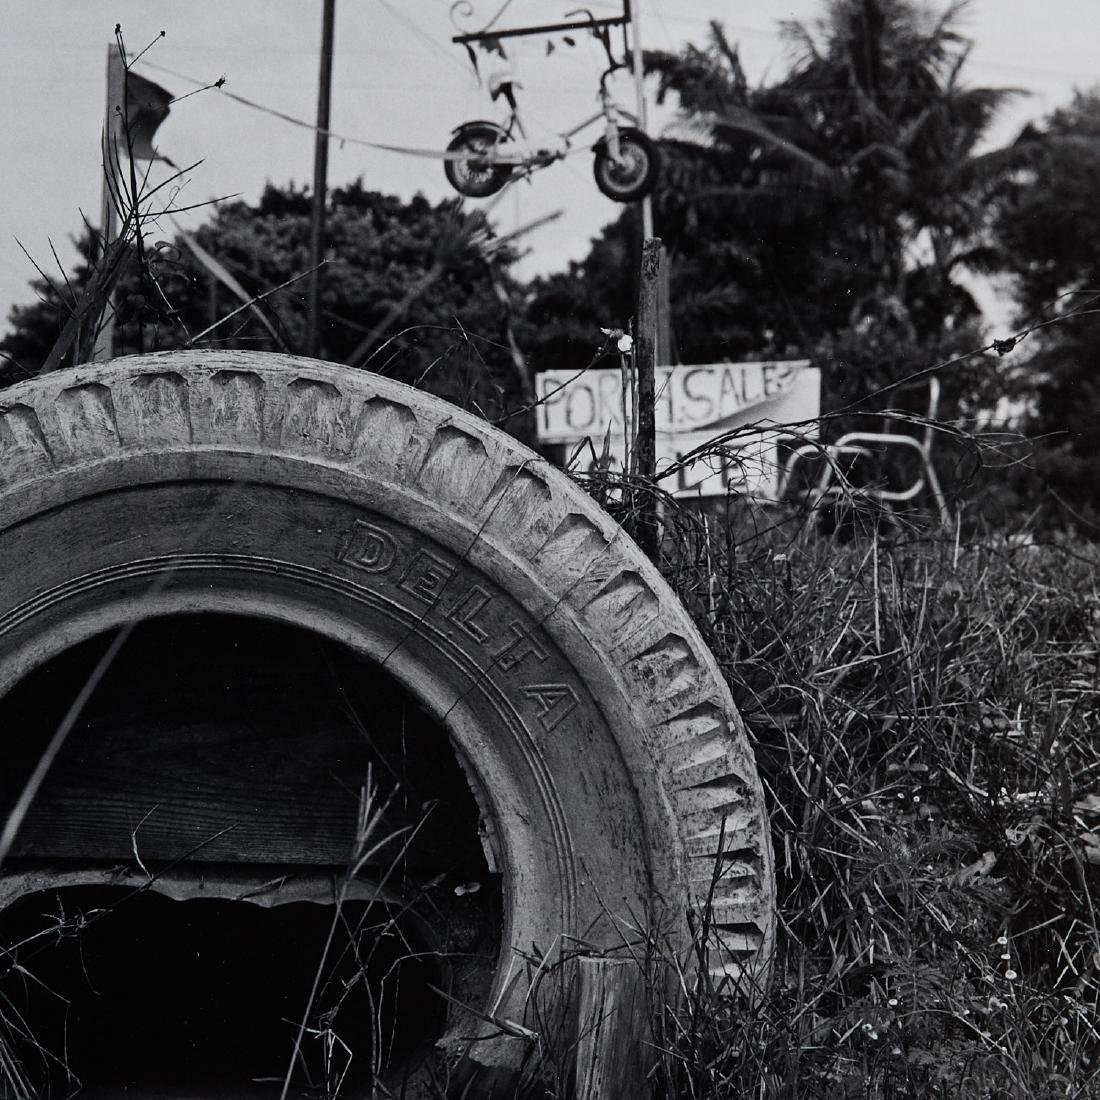 Robert Rauschenberg, Mailbox and Tire, 1979 - 4